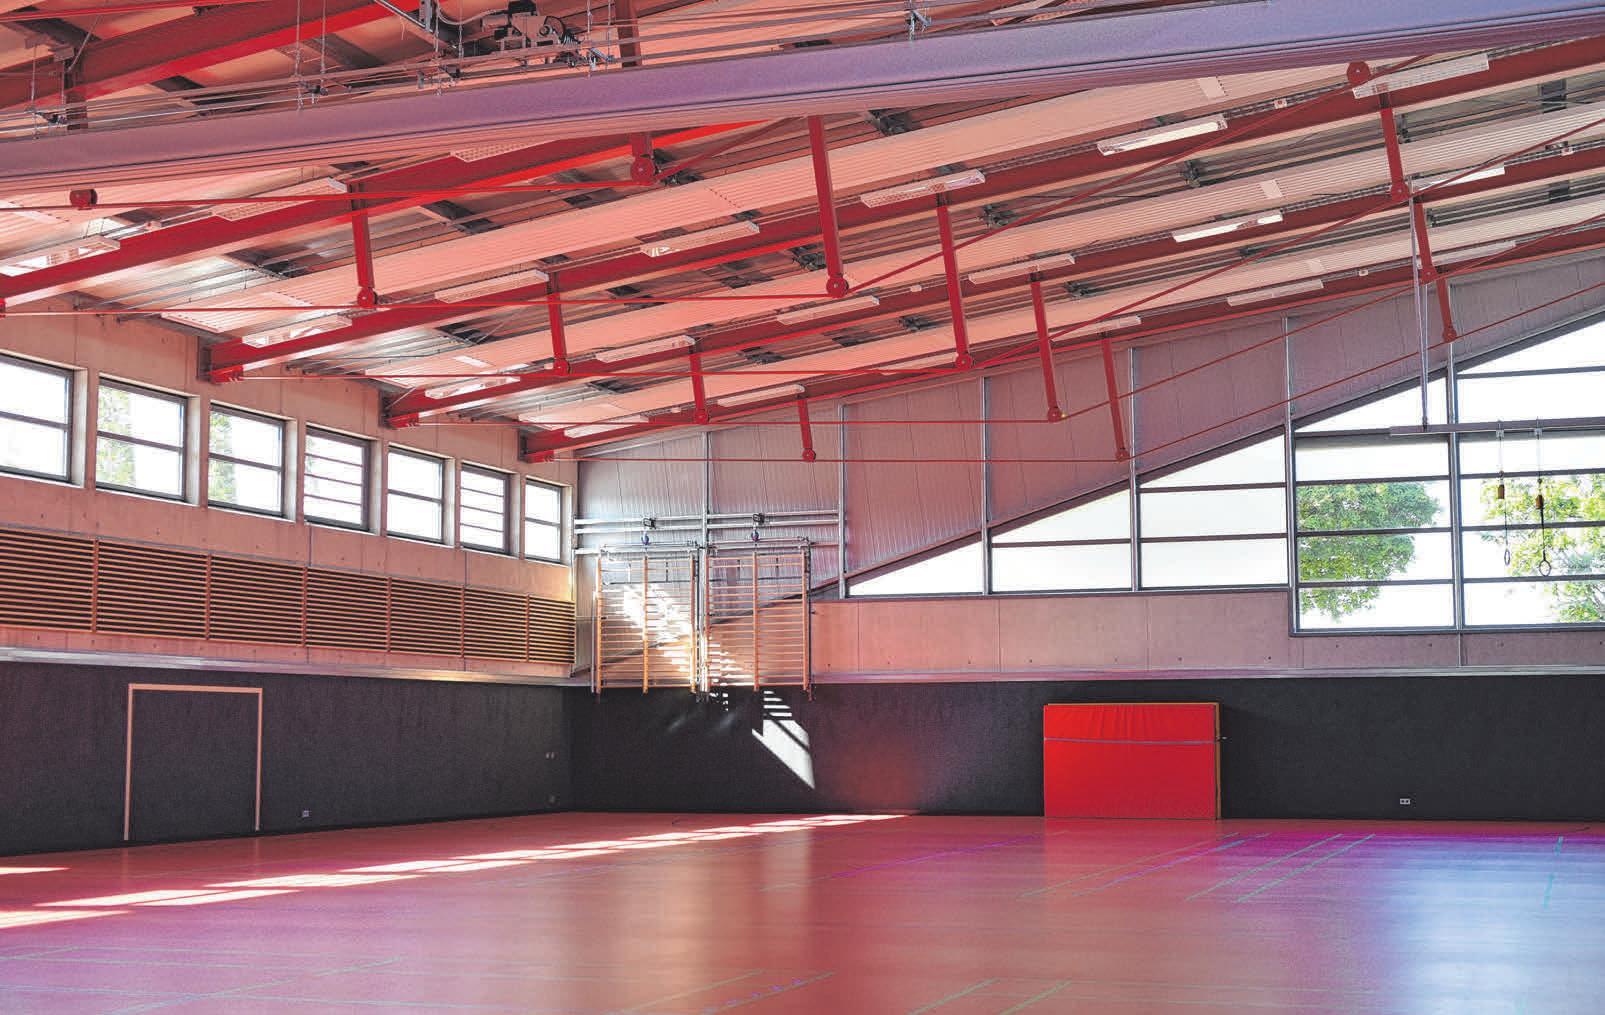 Rote Töne und Holzelemente geben der Sporthalle einen freundlichen Charakter.